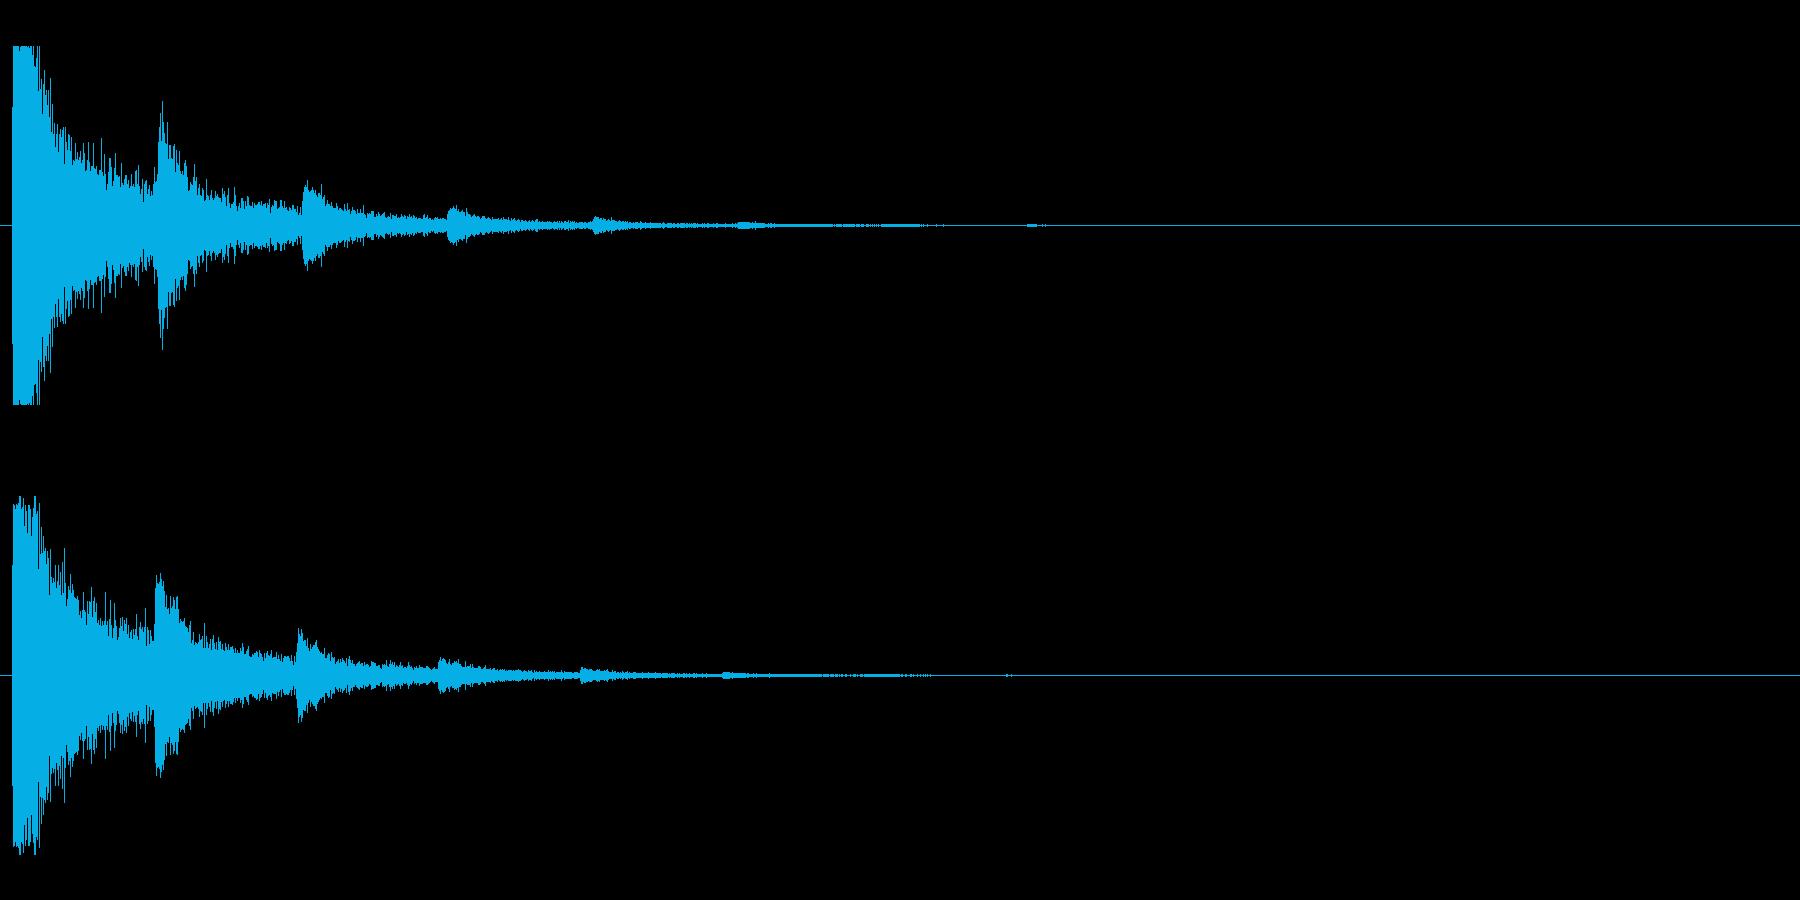 レーザー音-06-2の再生済みの波形